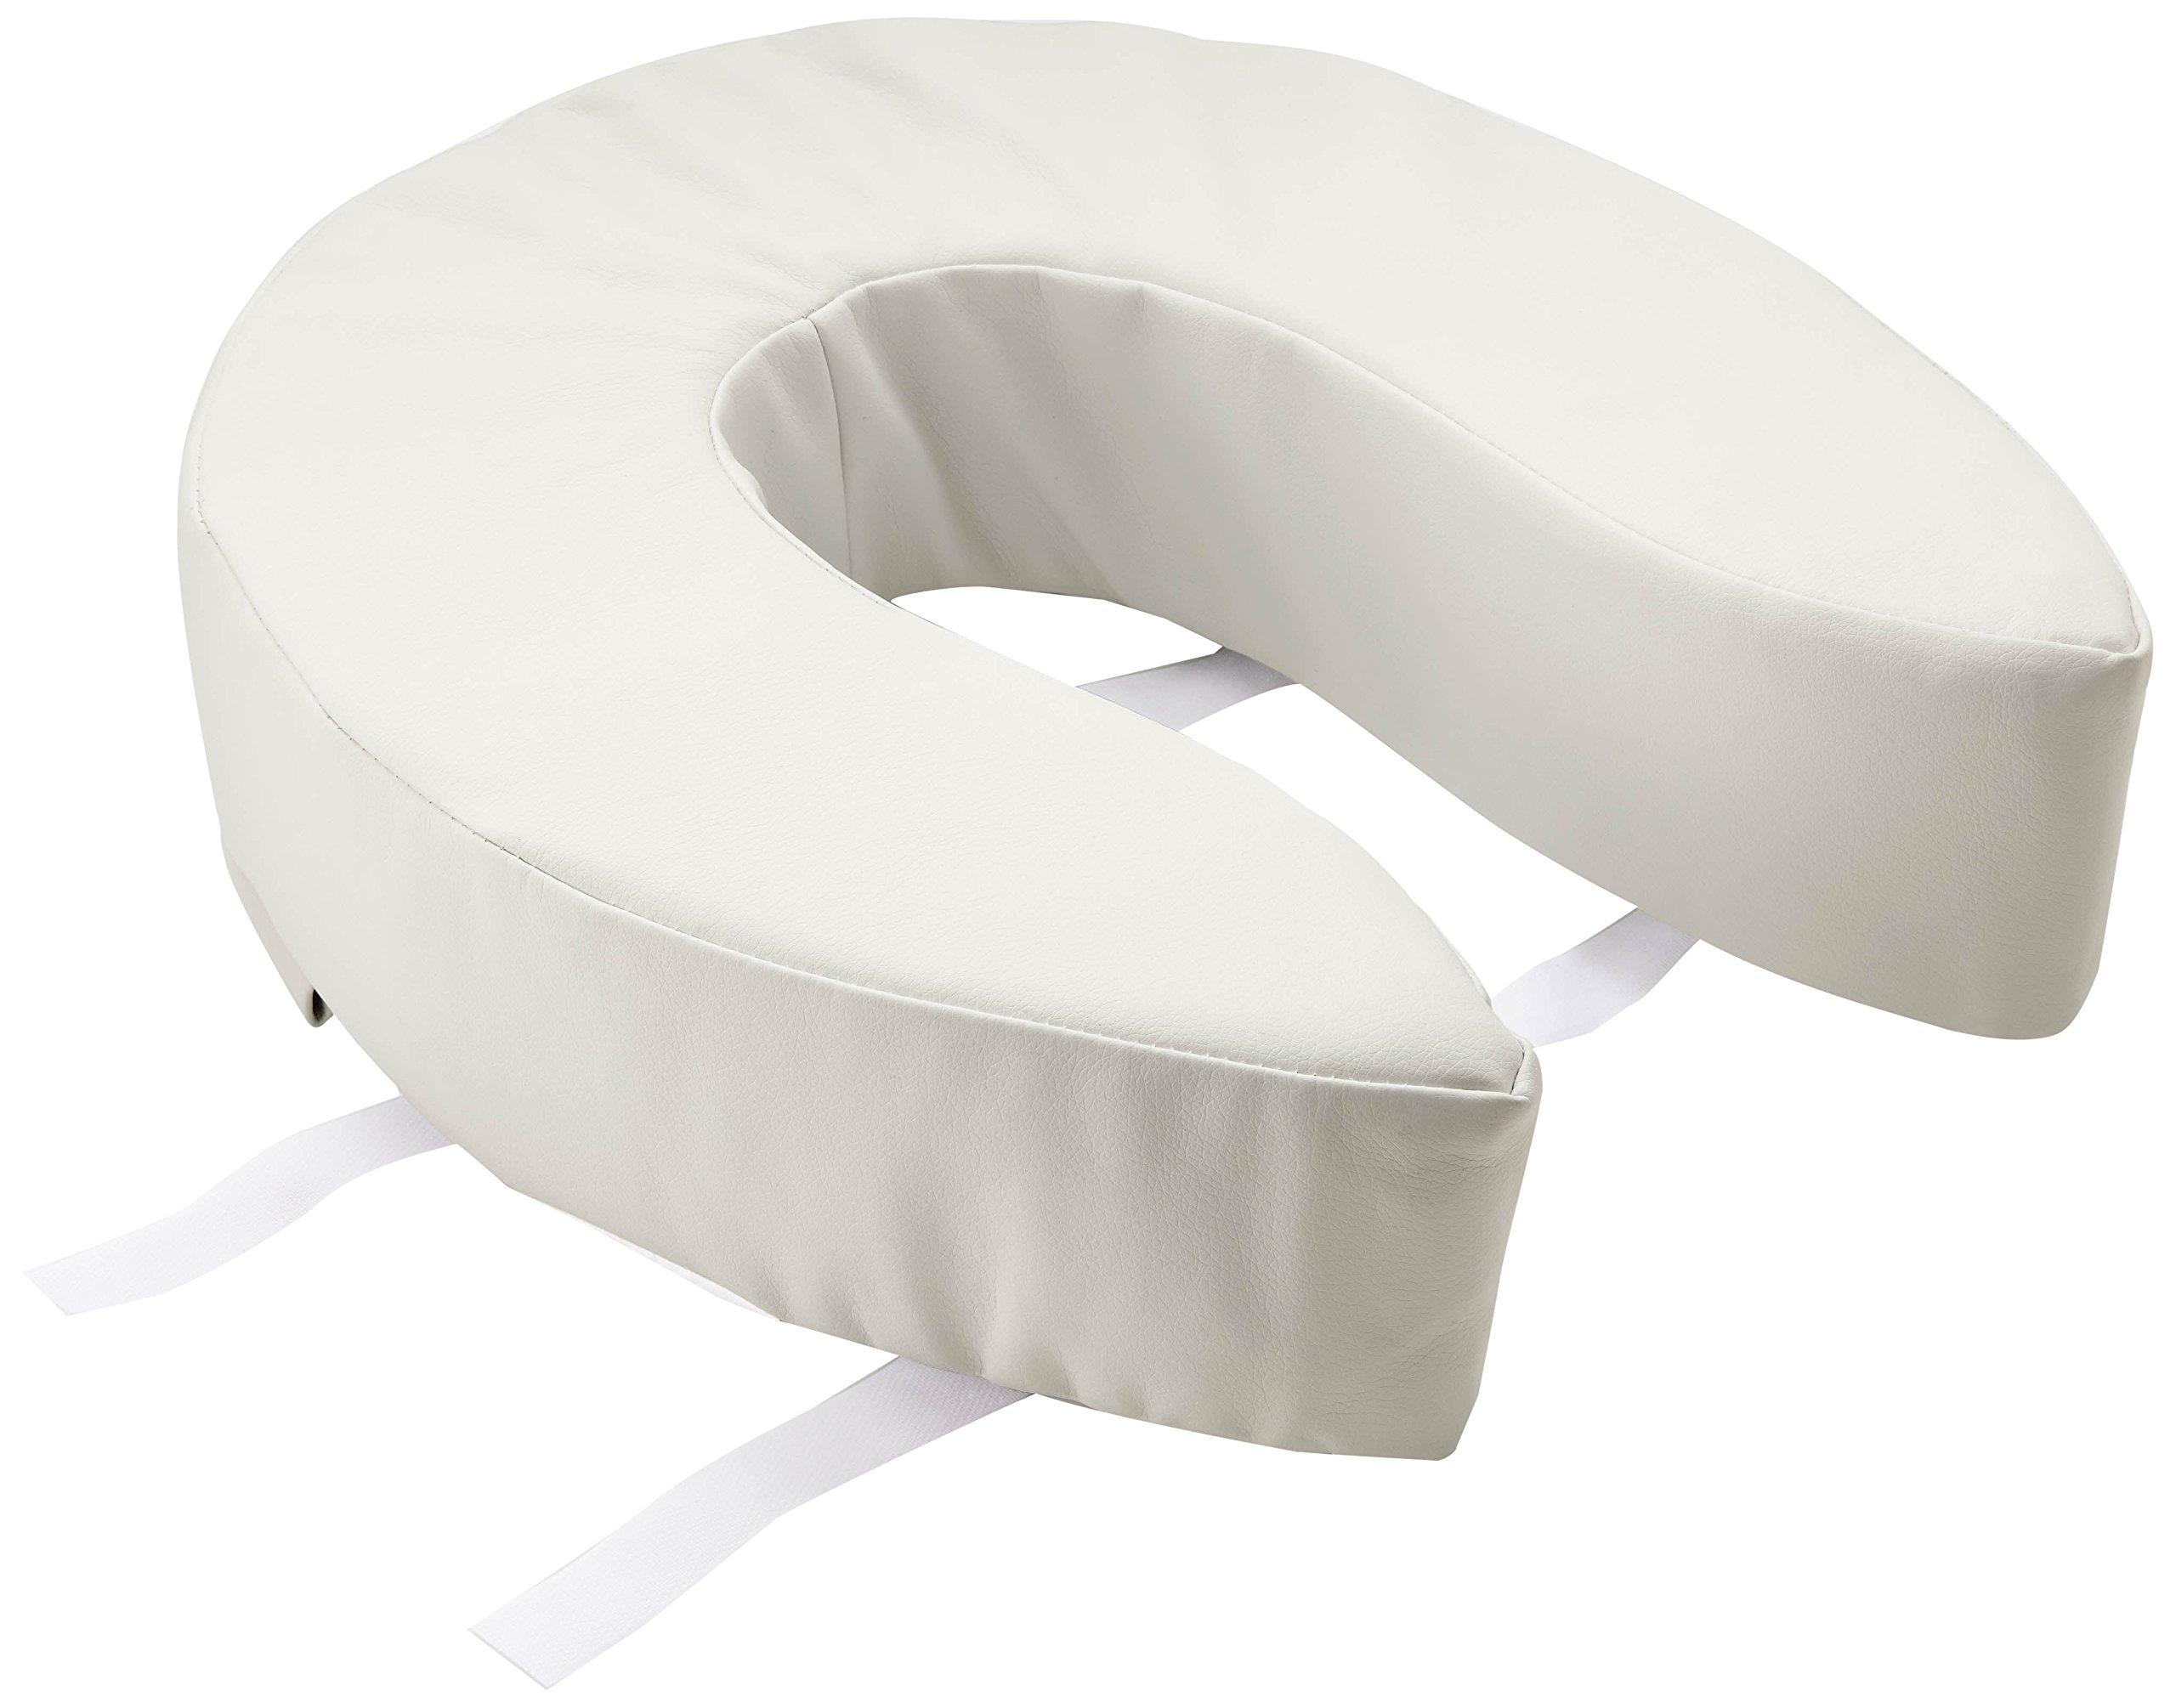 Medline MDS80328 Padded Toilet Seat Riser, 4'', White (Pack of 3) by Medline